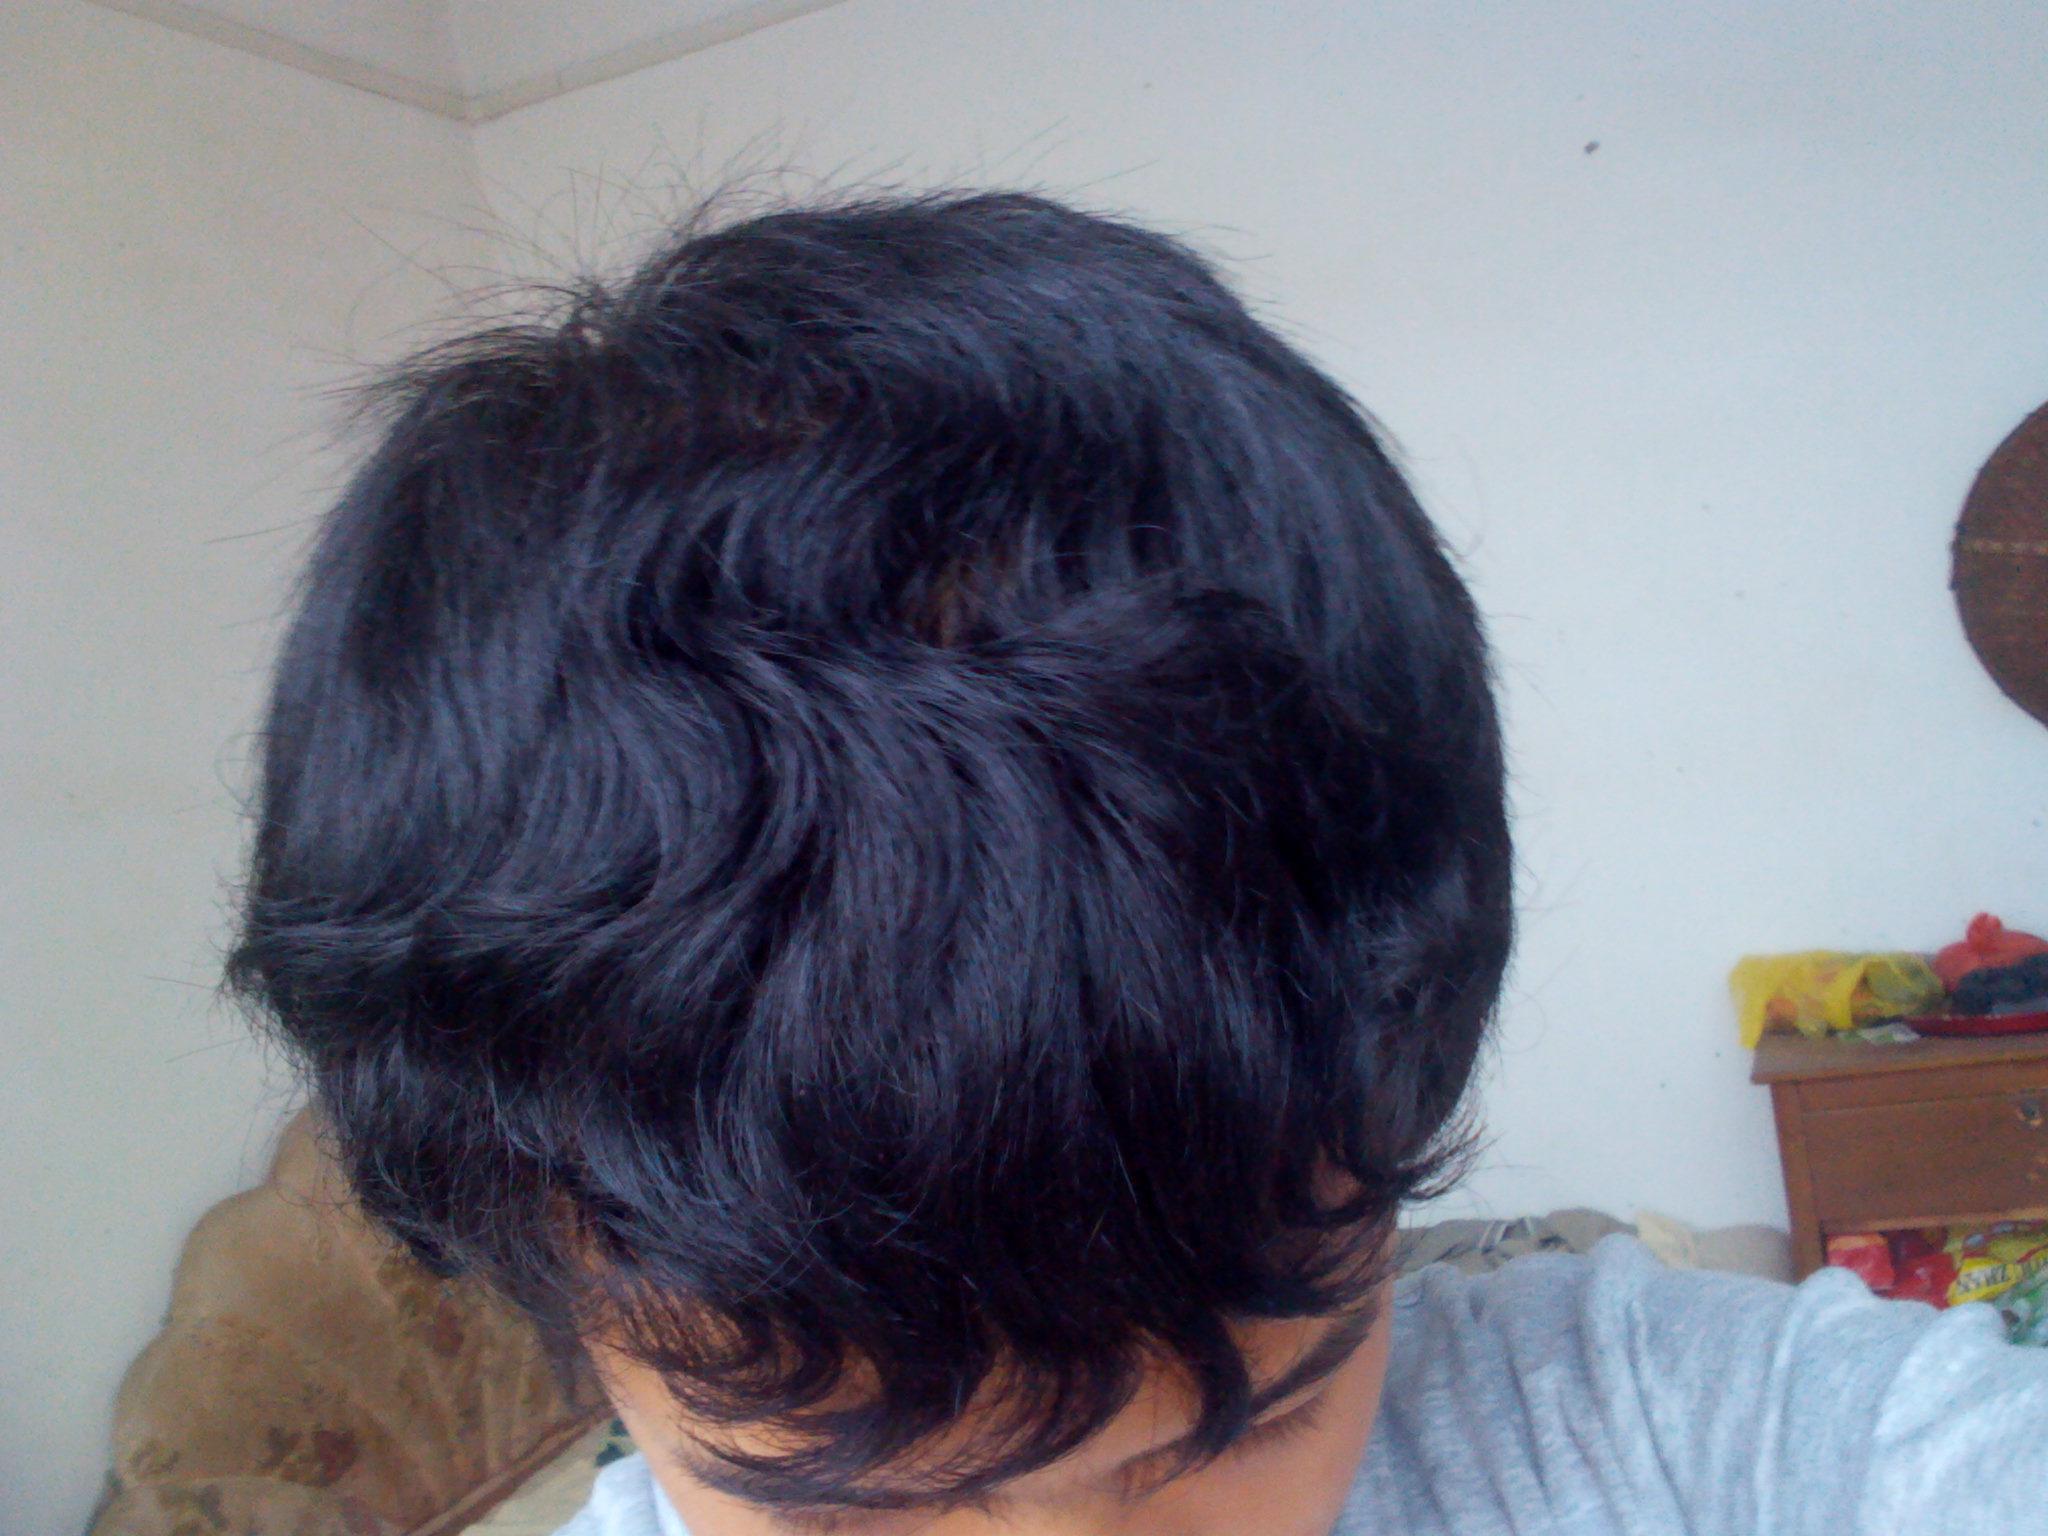 头发硬短头发留头发发型技巧 怎样把短发也理的很硬汉